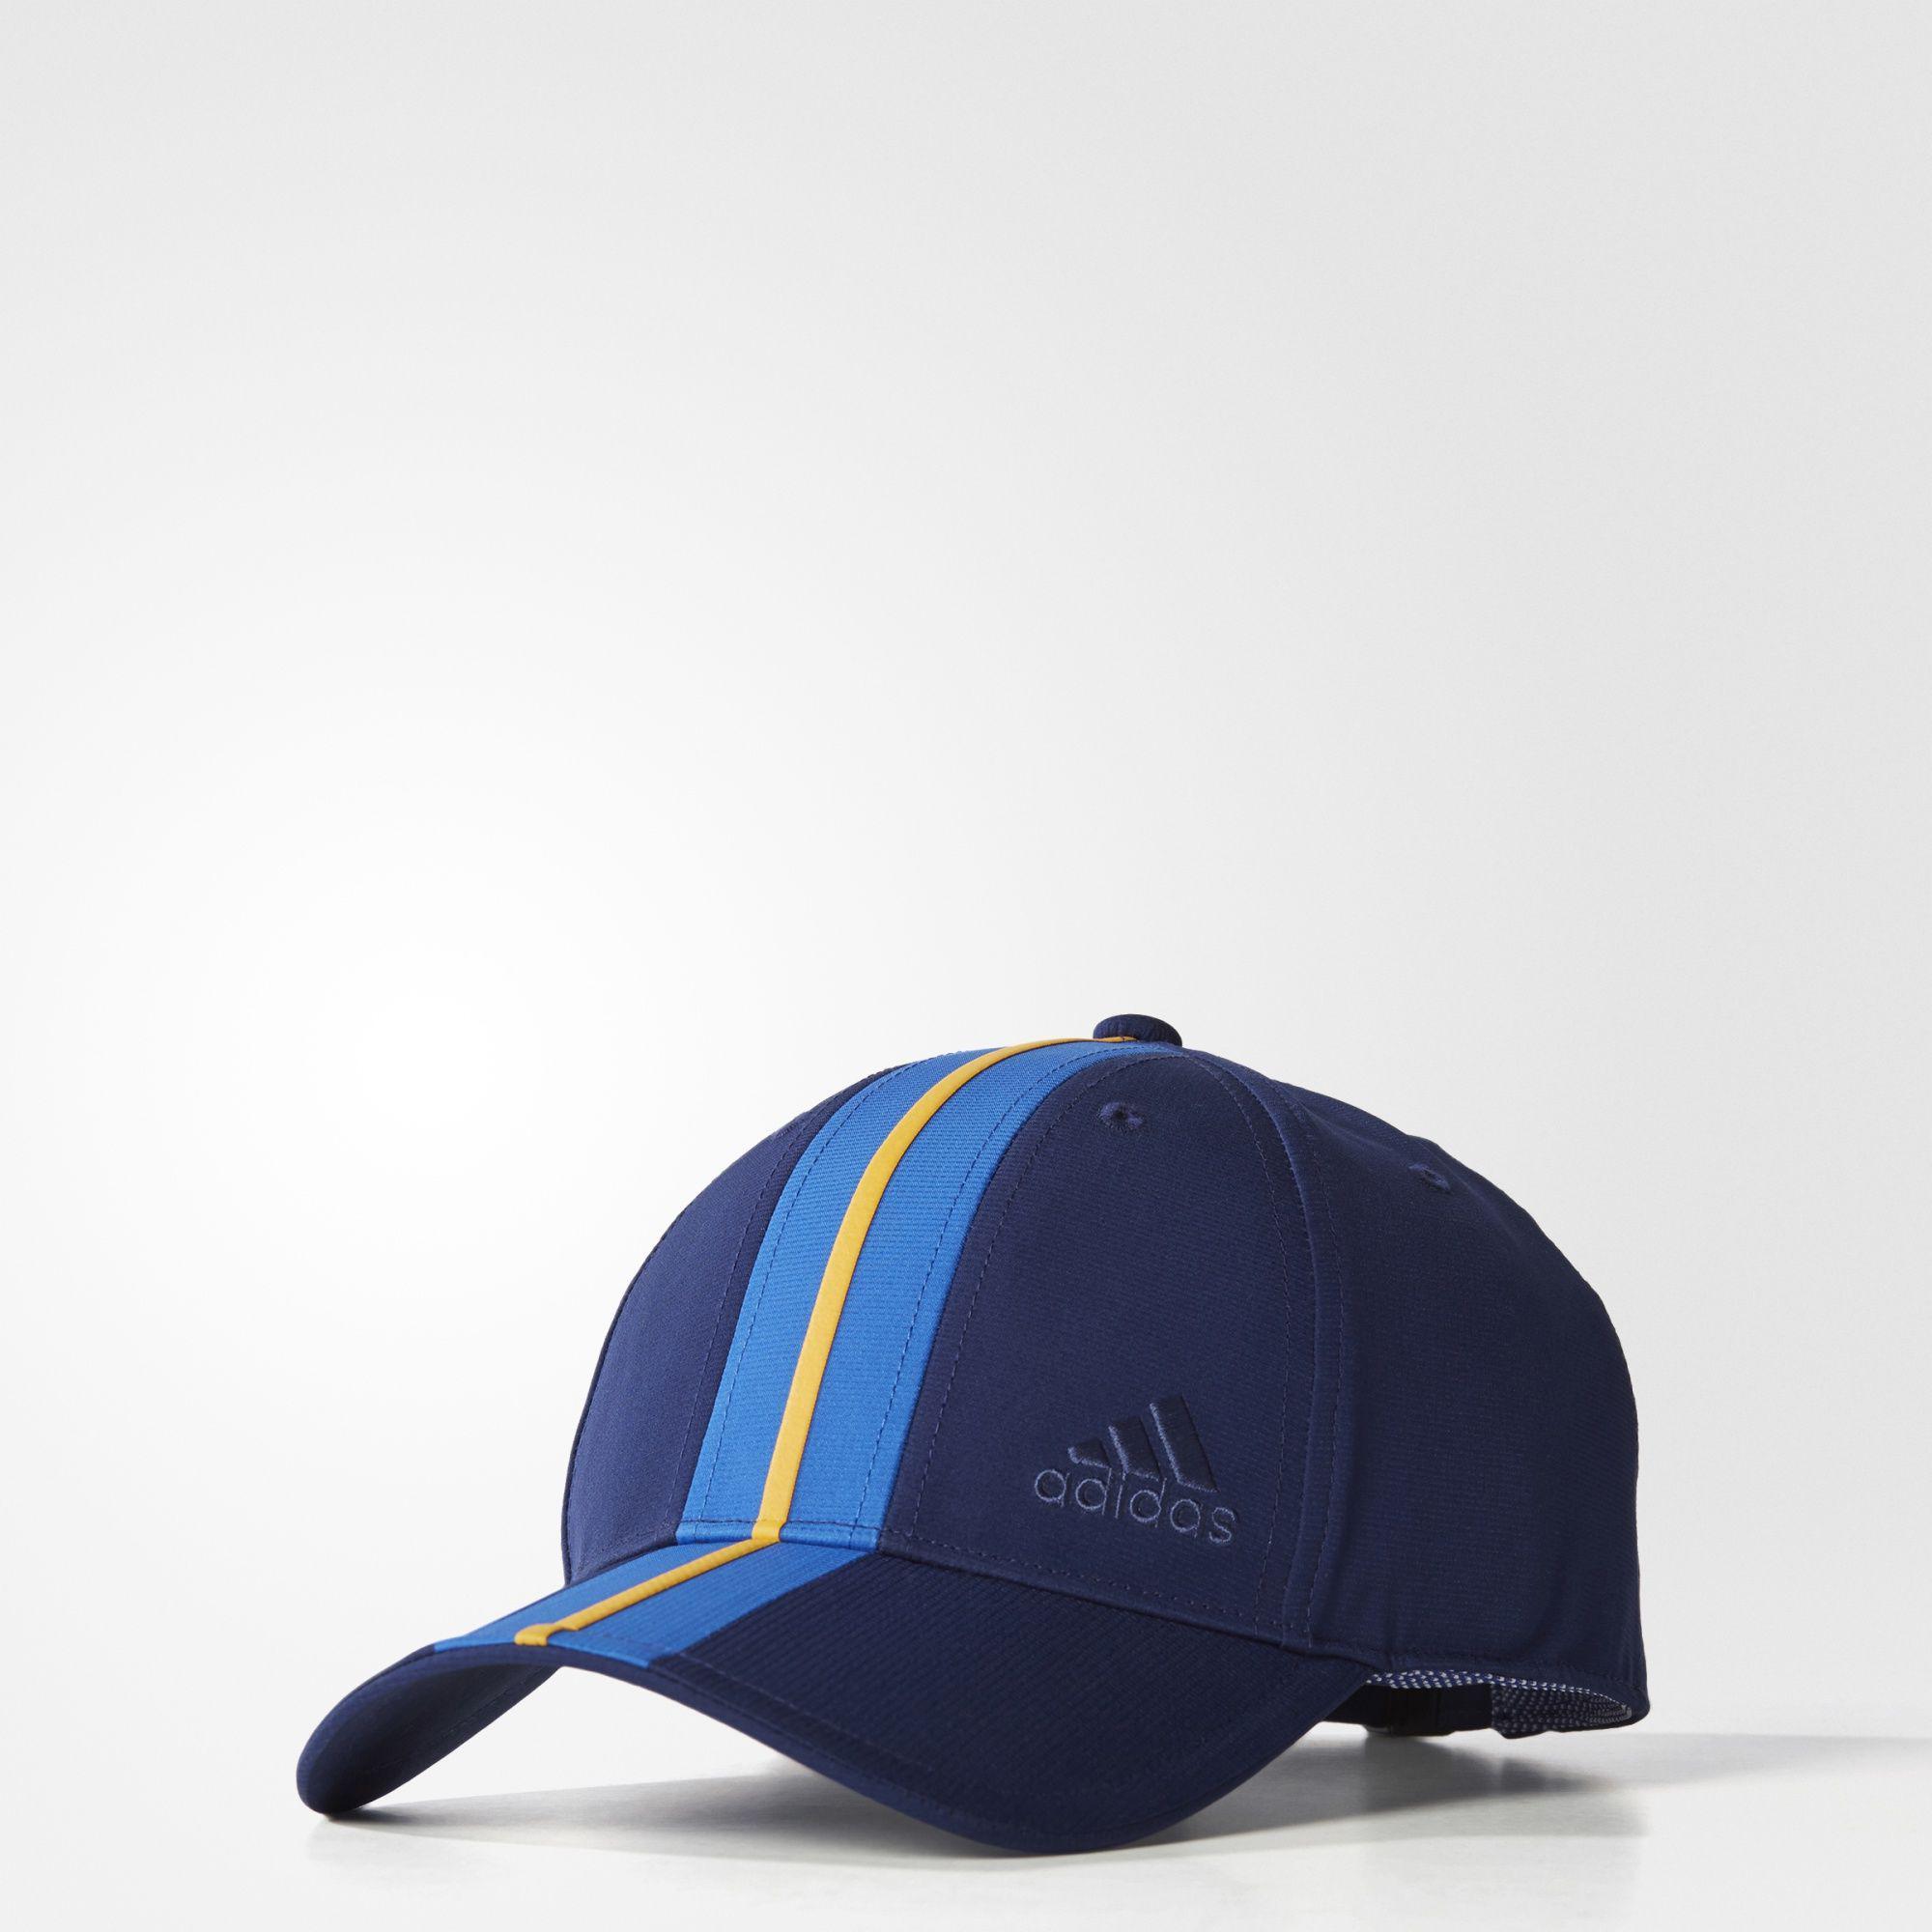 e0e9a1743af Adidas New York Climalite Cap - Blue Yellow - Tennisnuts.com